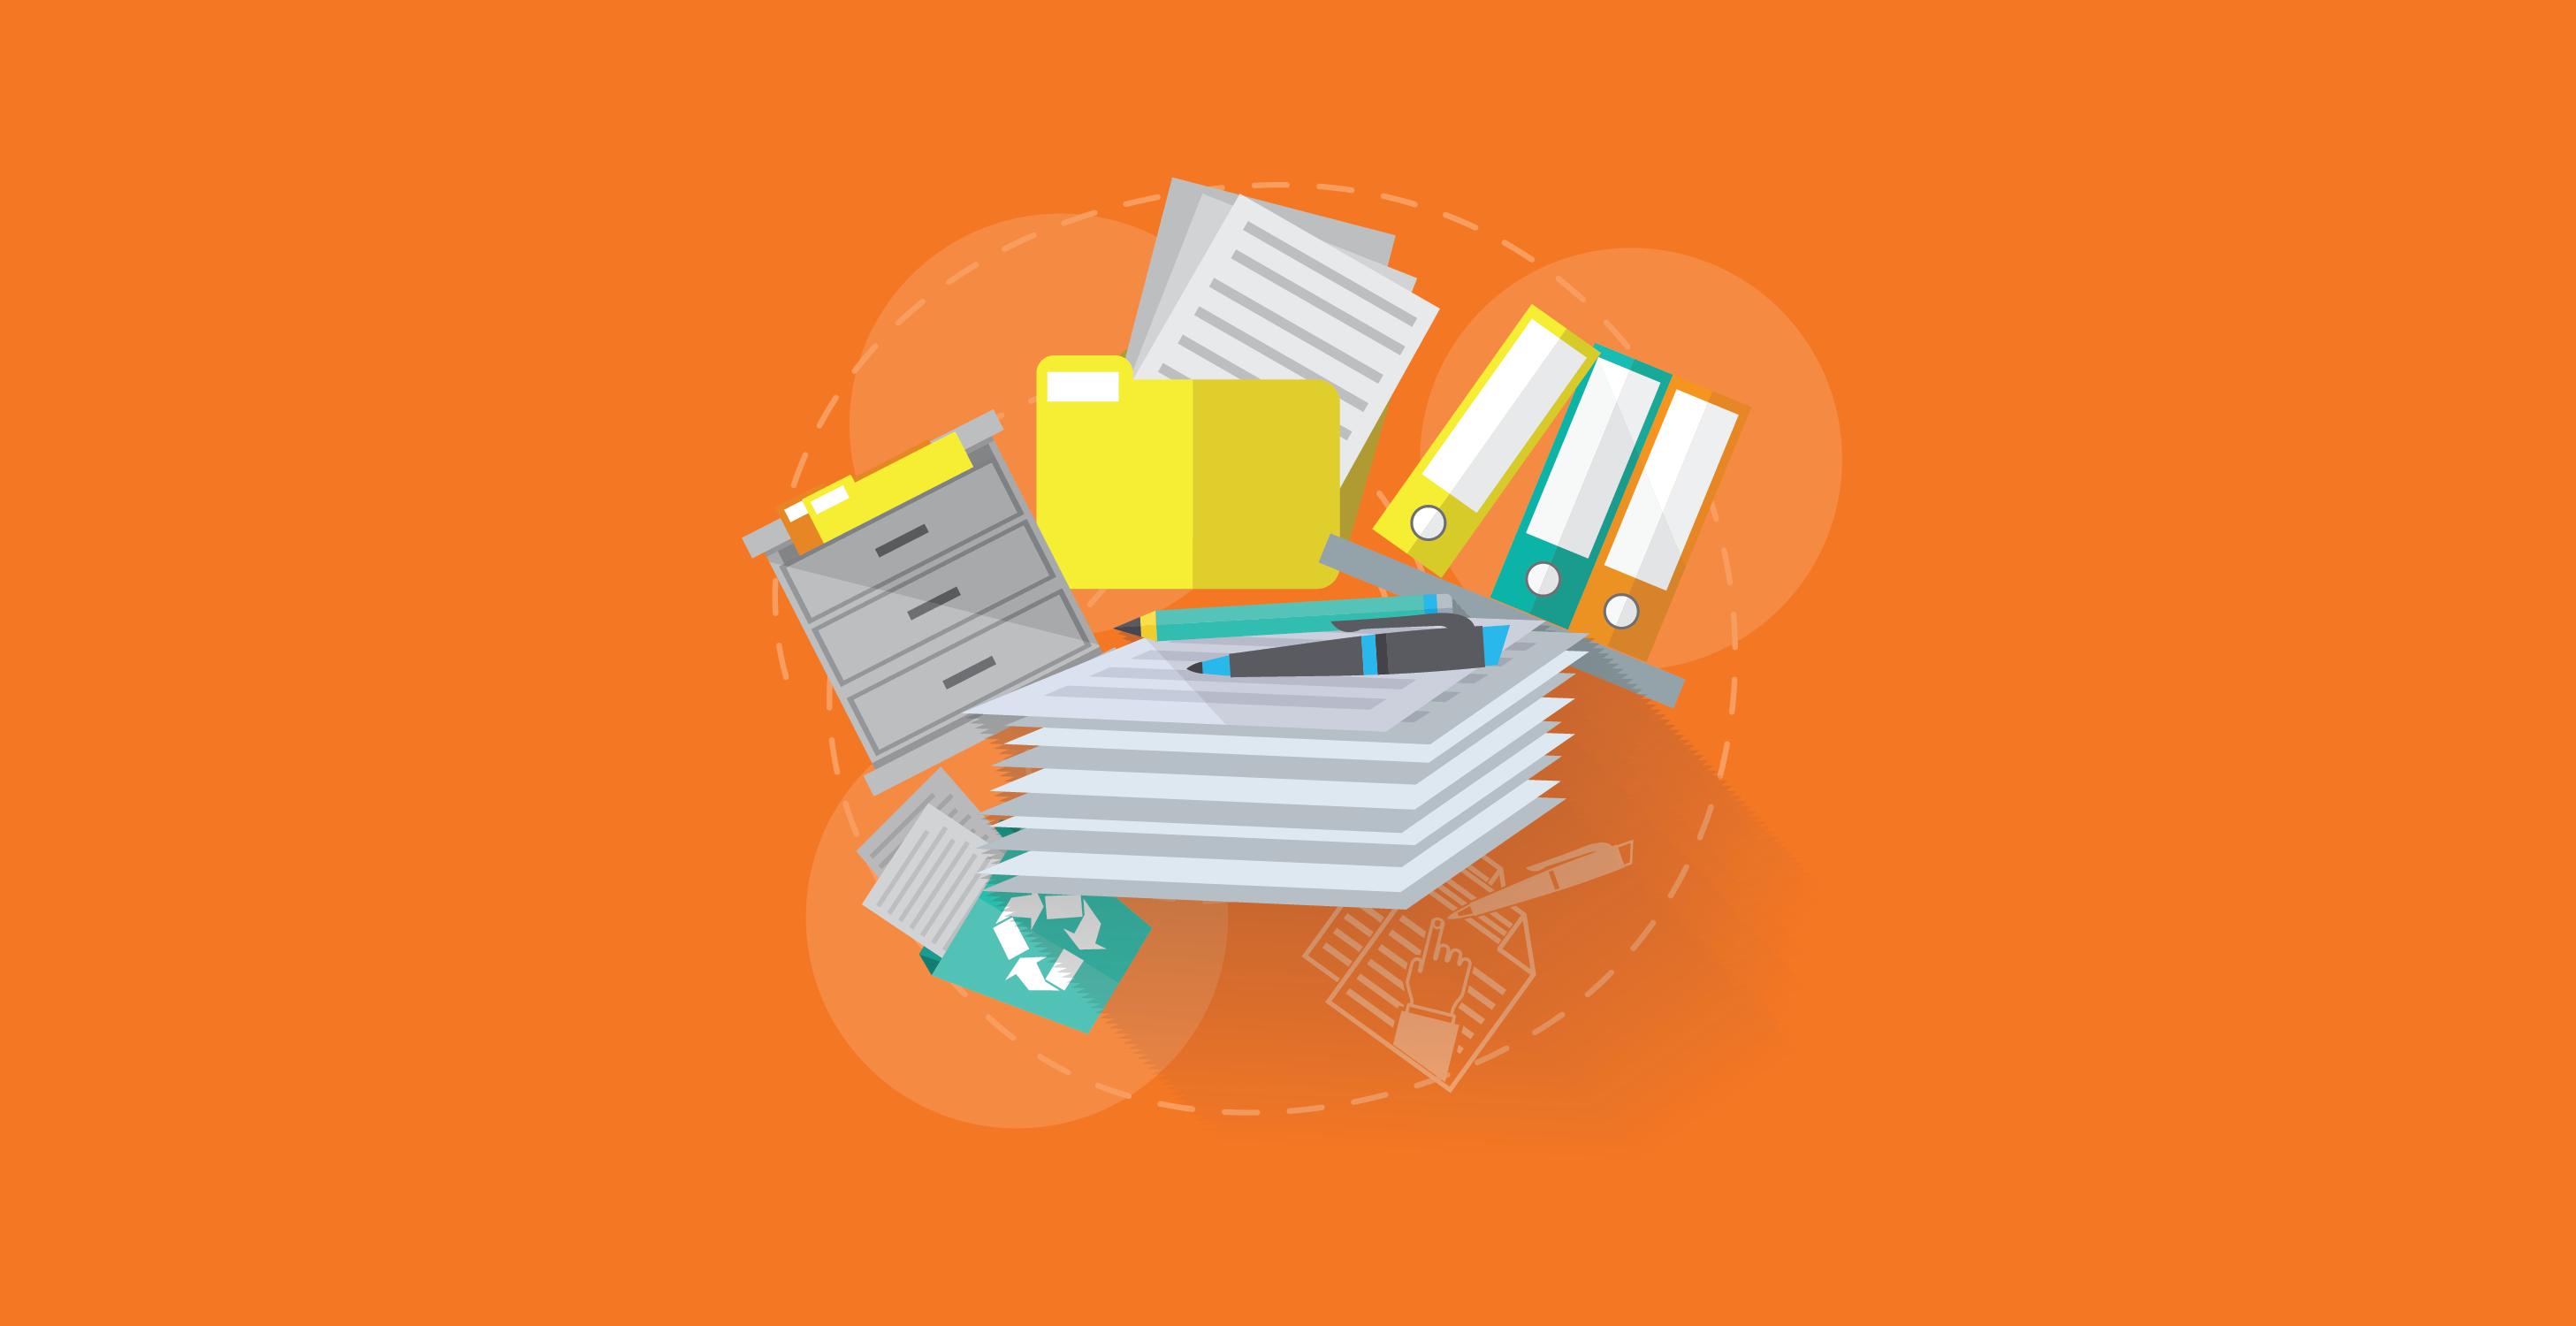 Gestão de documentos simplificada